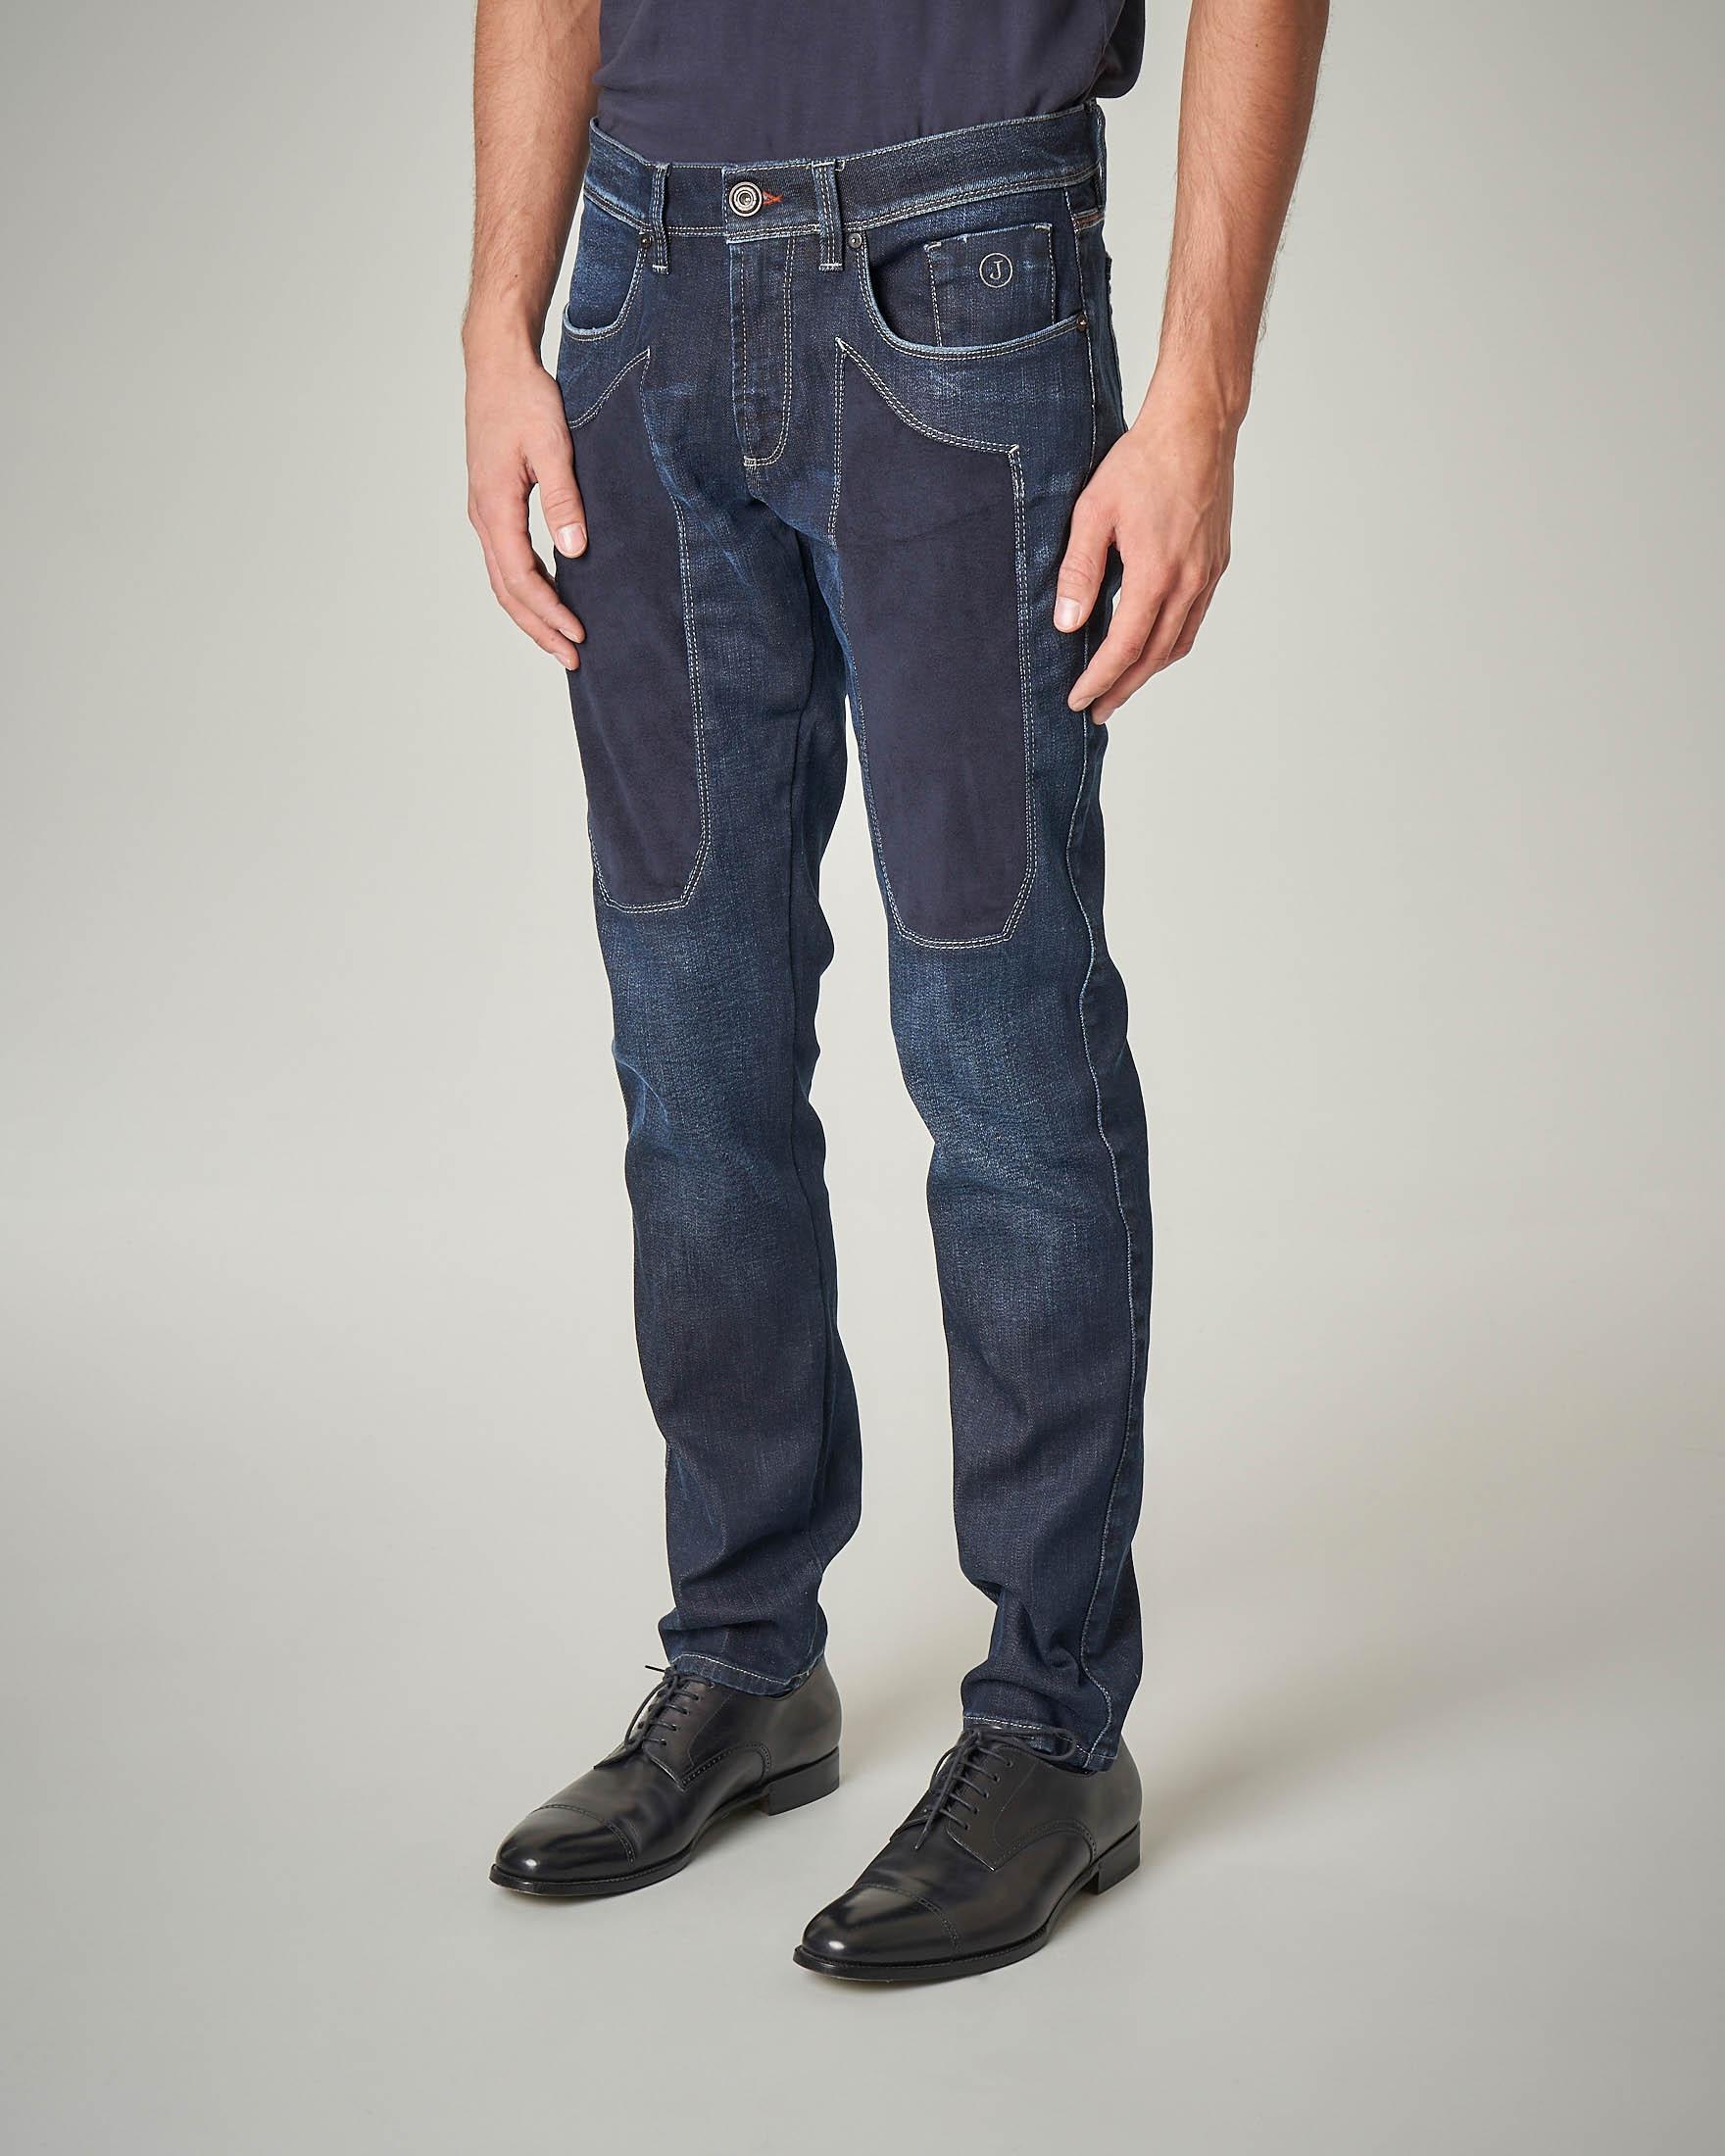 Jeans lavaggio scuro con toppa blu in alcantara